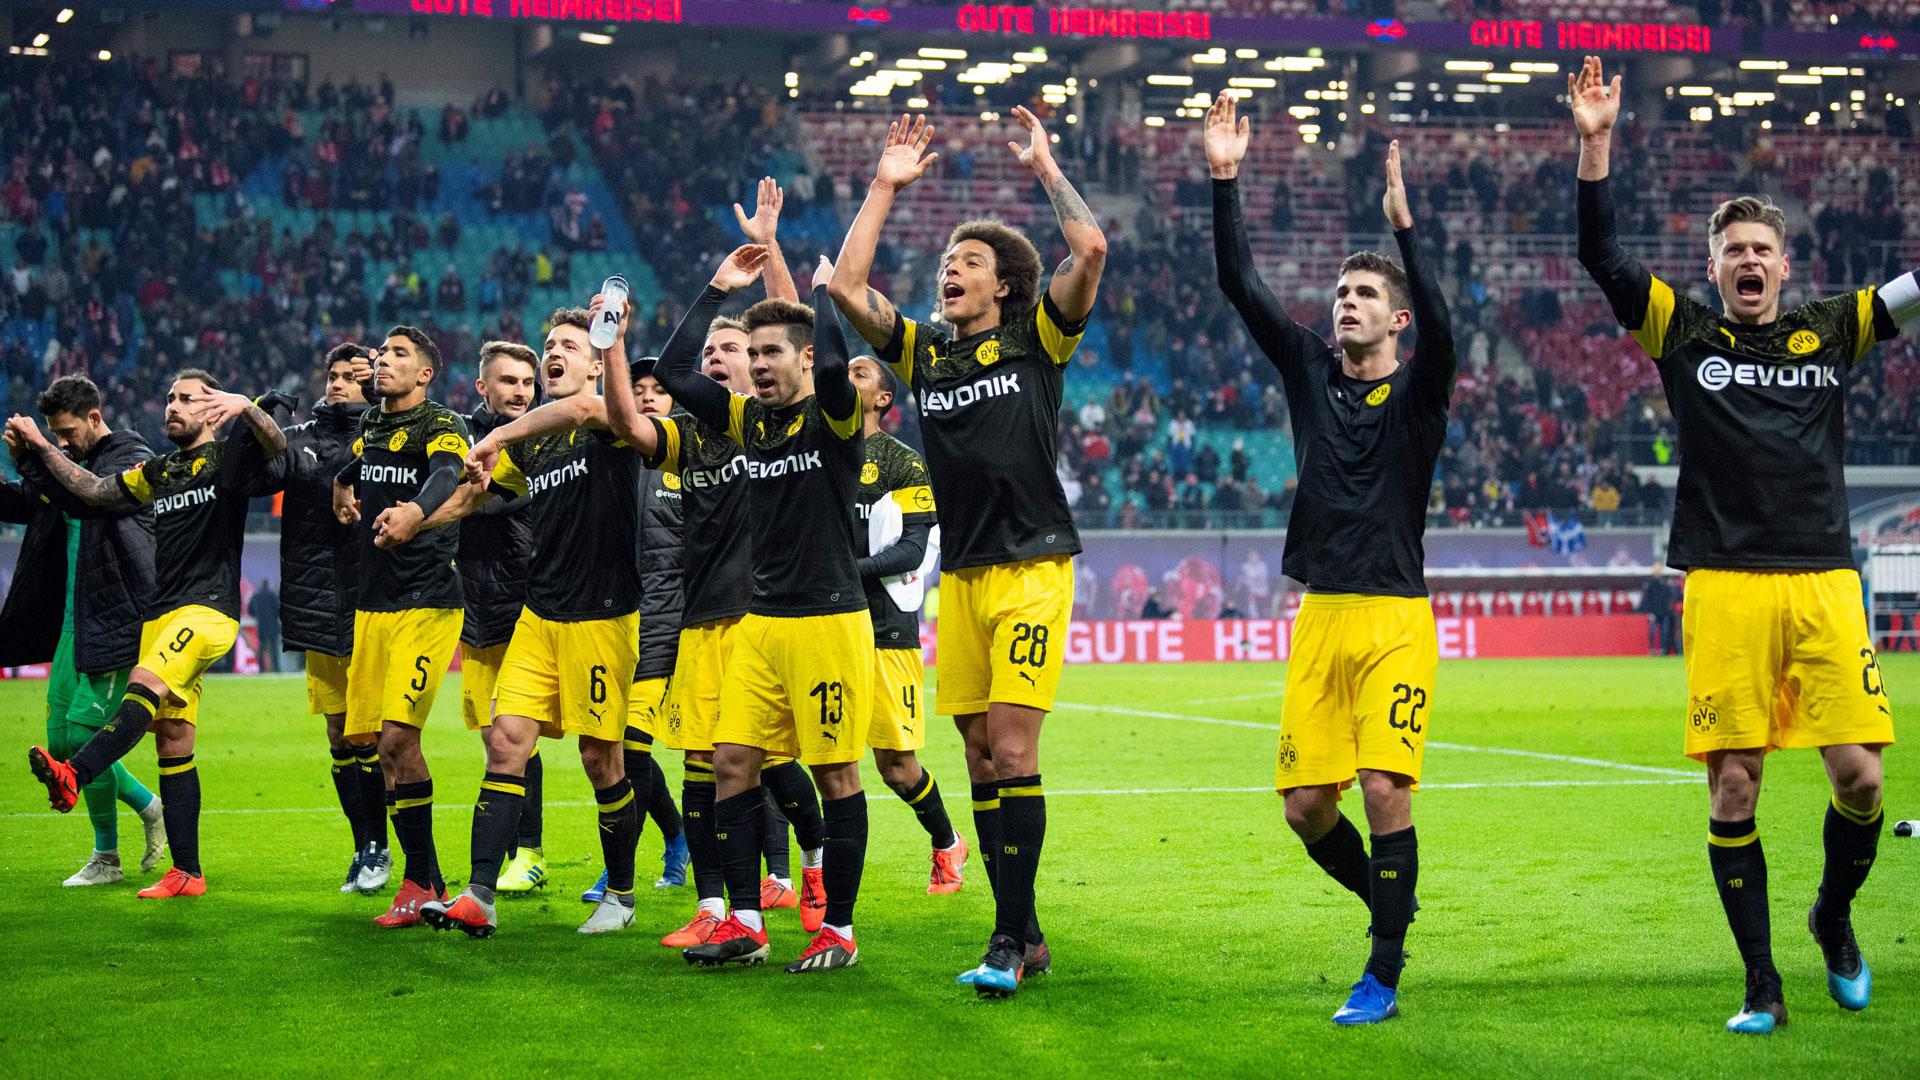 Dortmund Bvb News